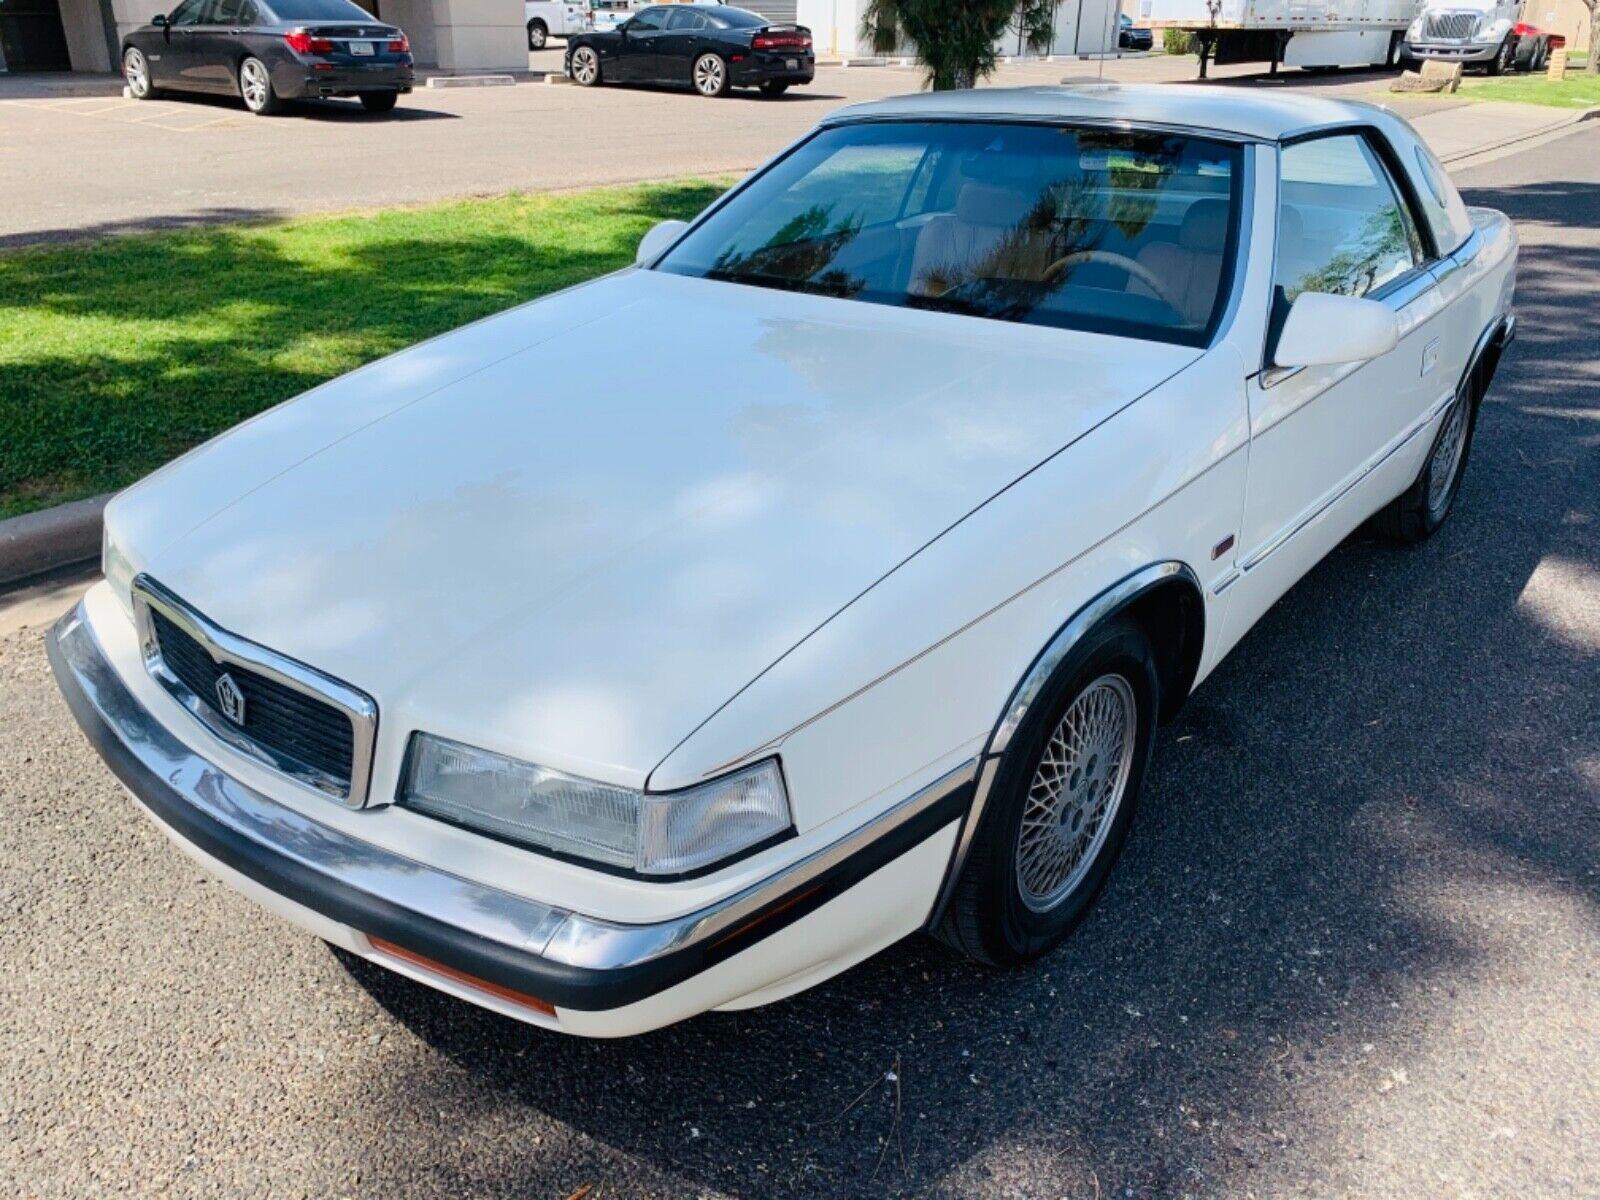 Image 1 - 1990 Chrysler TC Maserati